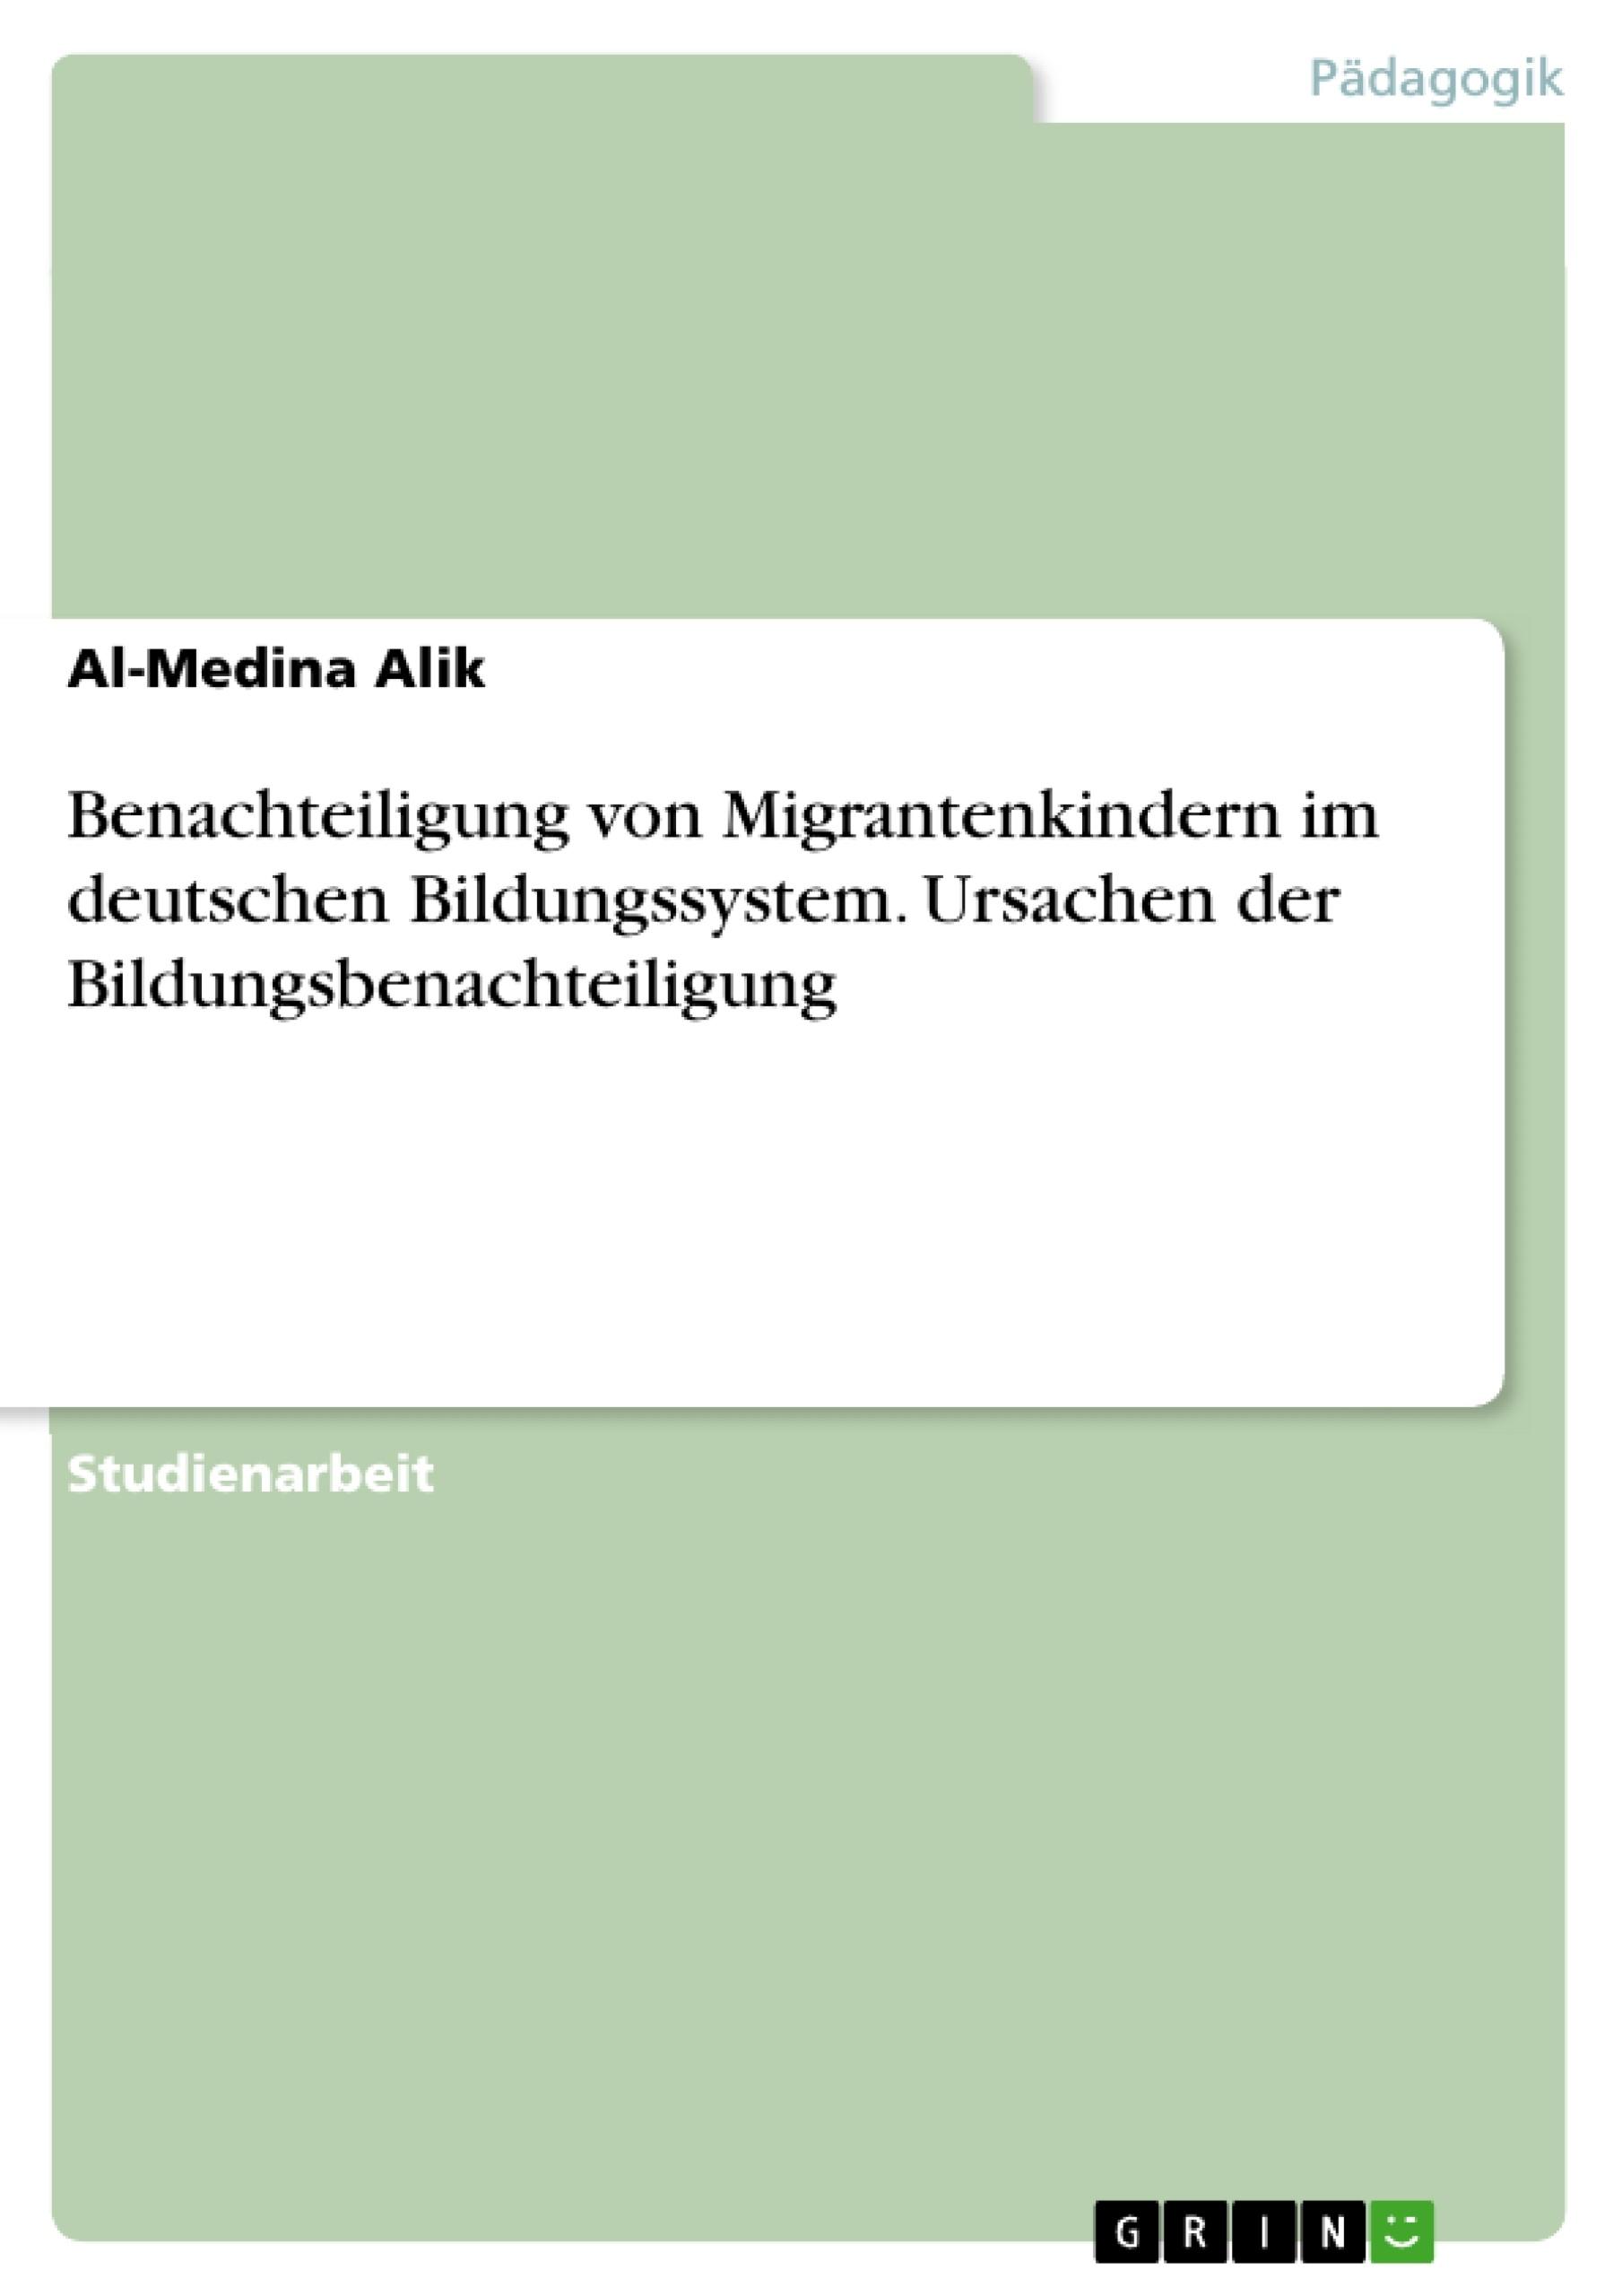 Titel: Benachteiligung von Migrantenkindern im deutschen Bildungssystem. Ursachen der Bildungsbenachteiligung